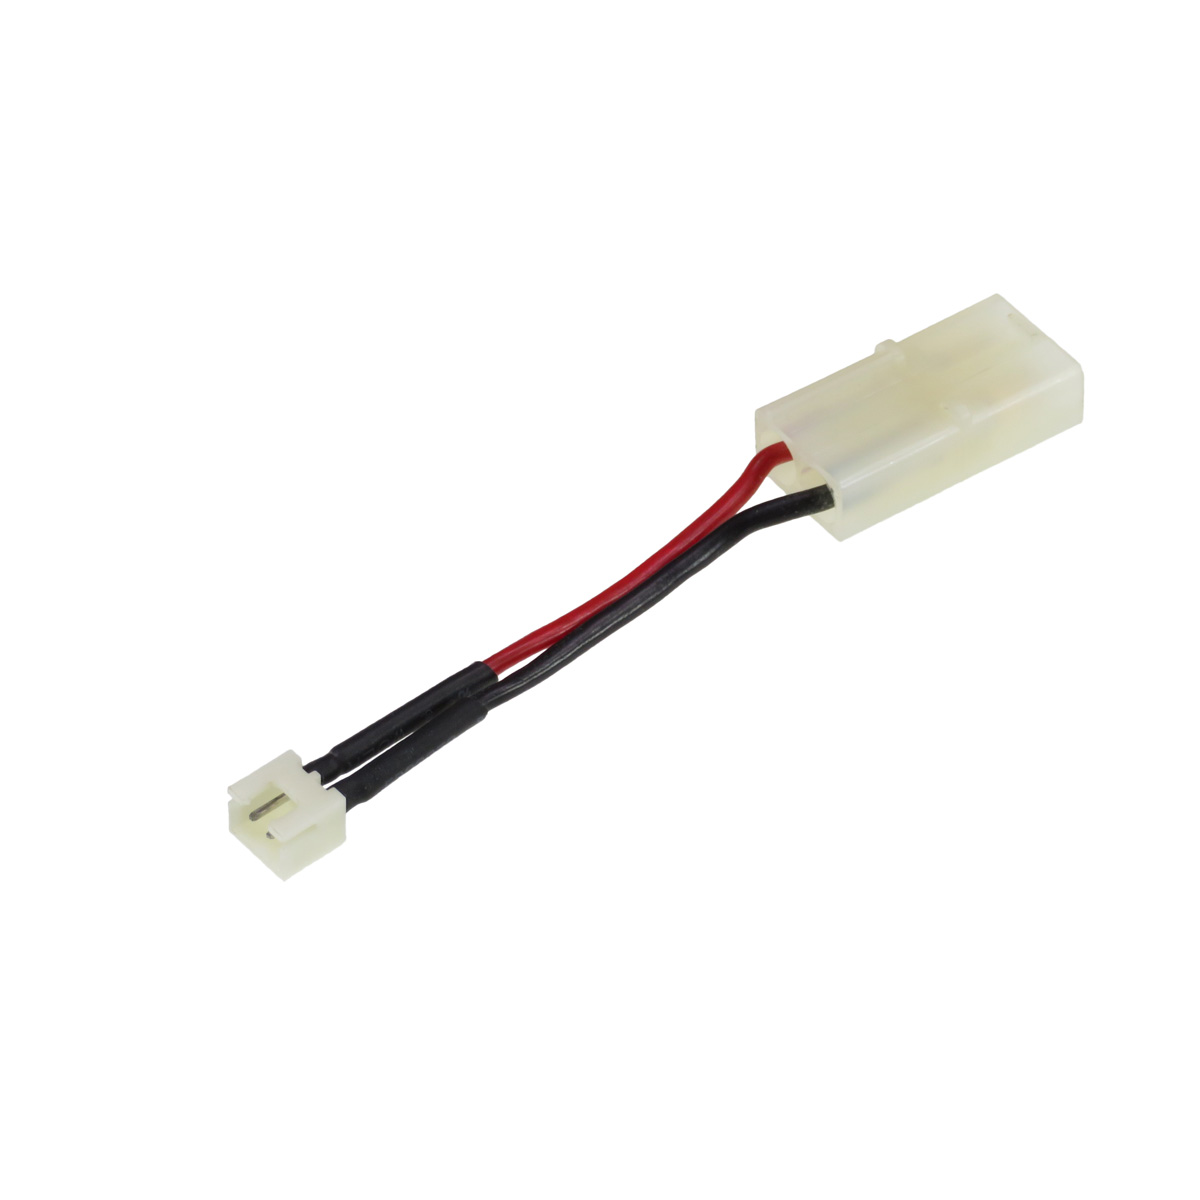 タミヤ(ラージ)コネクターメス&XH型2Pコネクターメス変換コネクタ